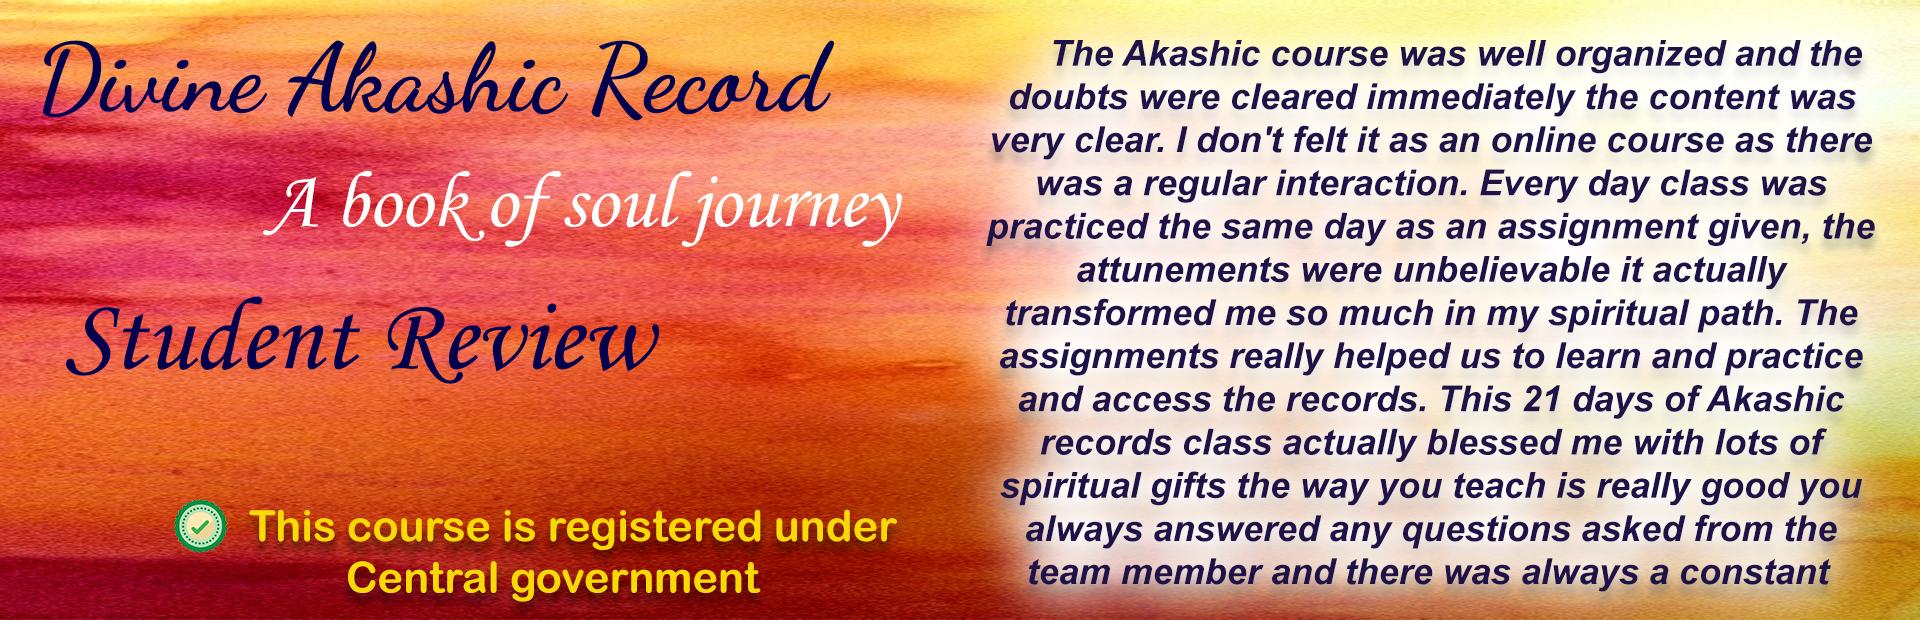 Akashic banner 2